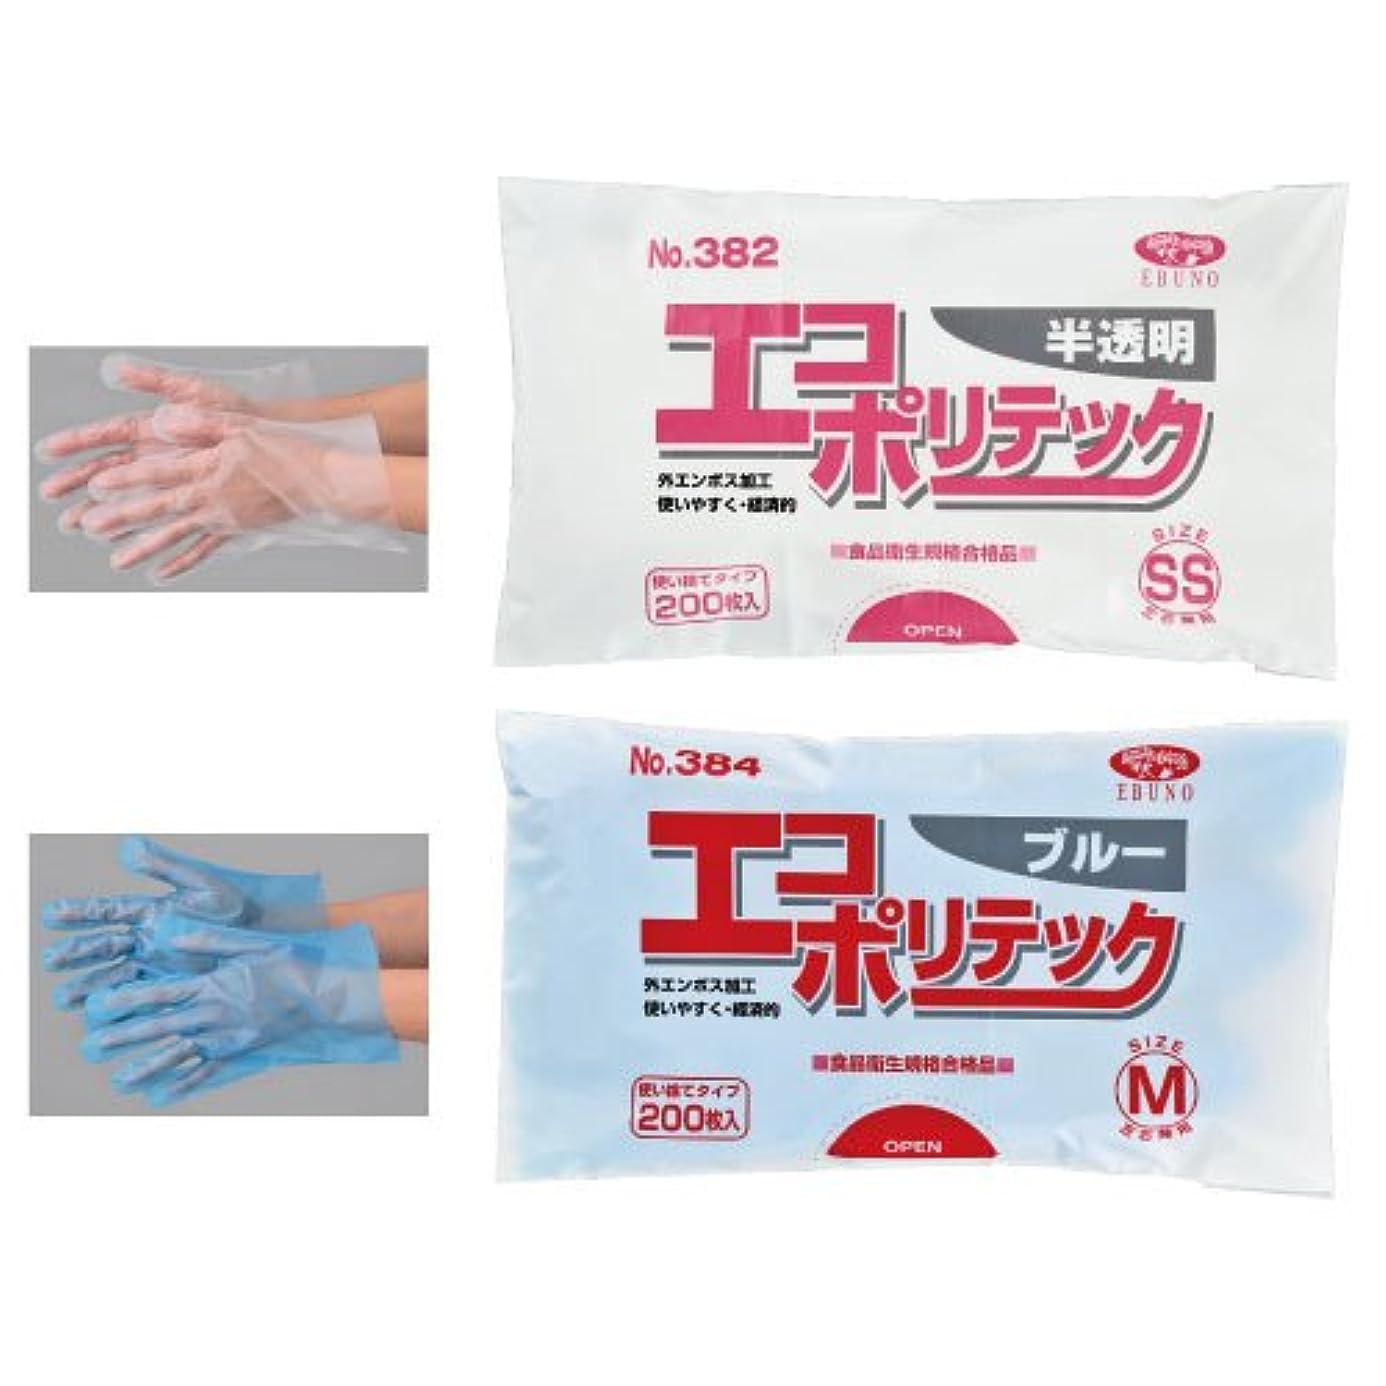 デイジー放課後遺伝的エブノ ポリエチレン手袋 No.382 S 半透明 (200枚×30袋) エコポリテック 袋入